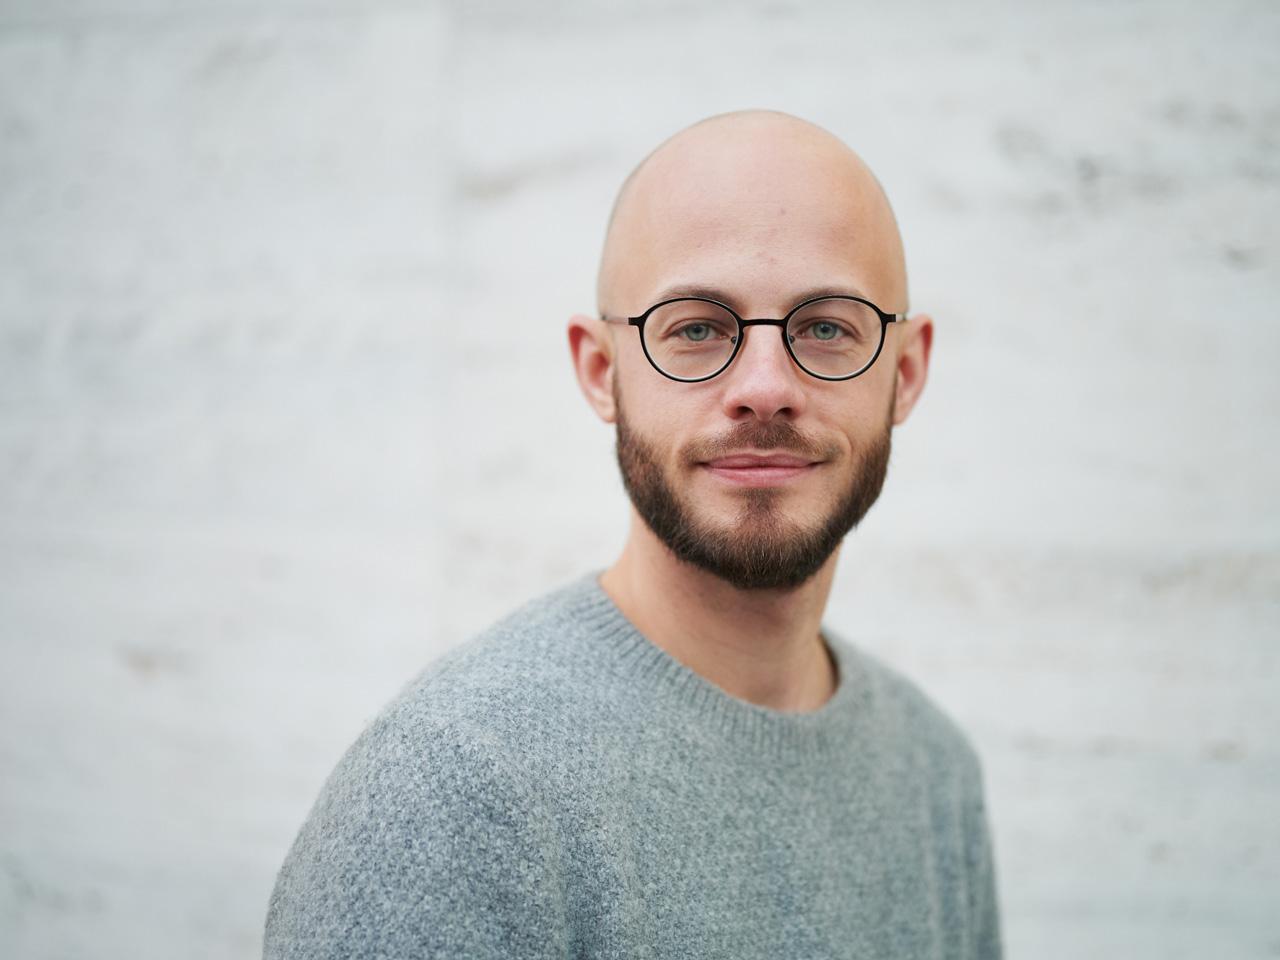 Maximilian Mann erhält »Stern Stipendium« für Fotografie